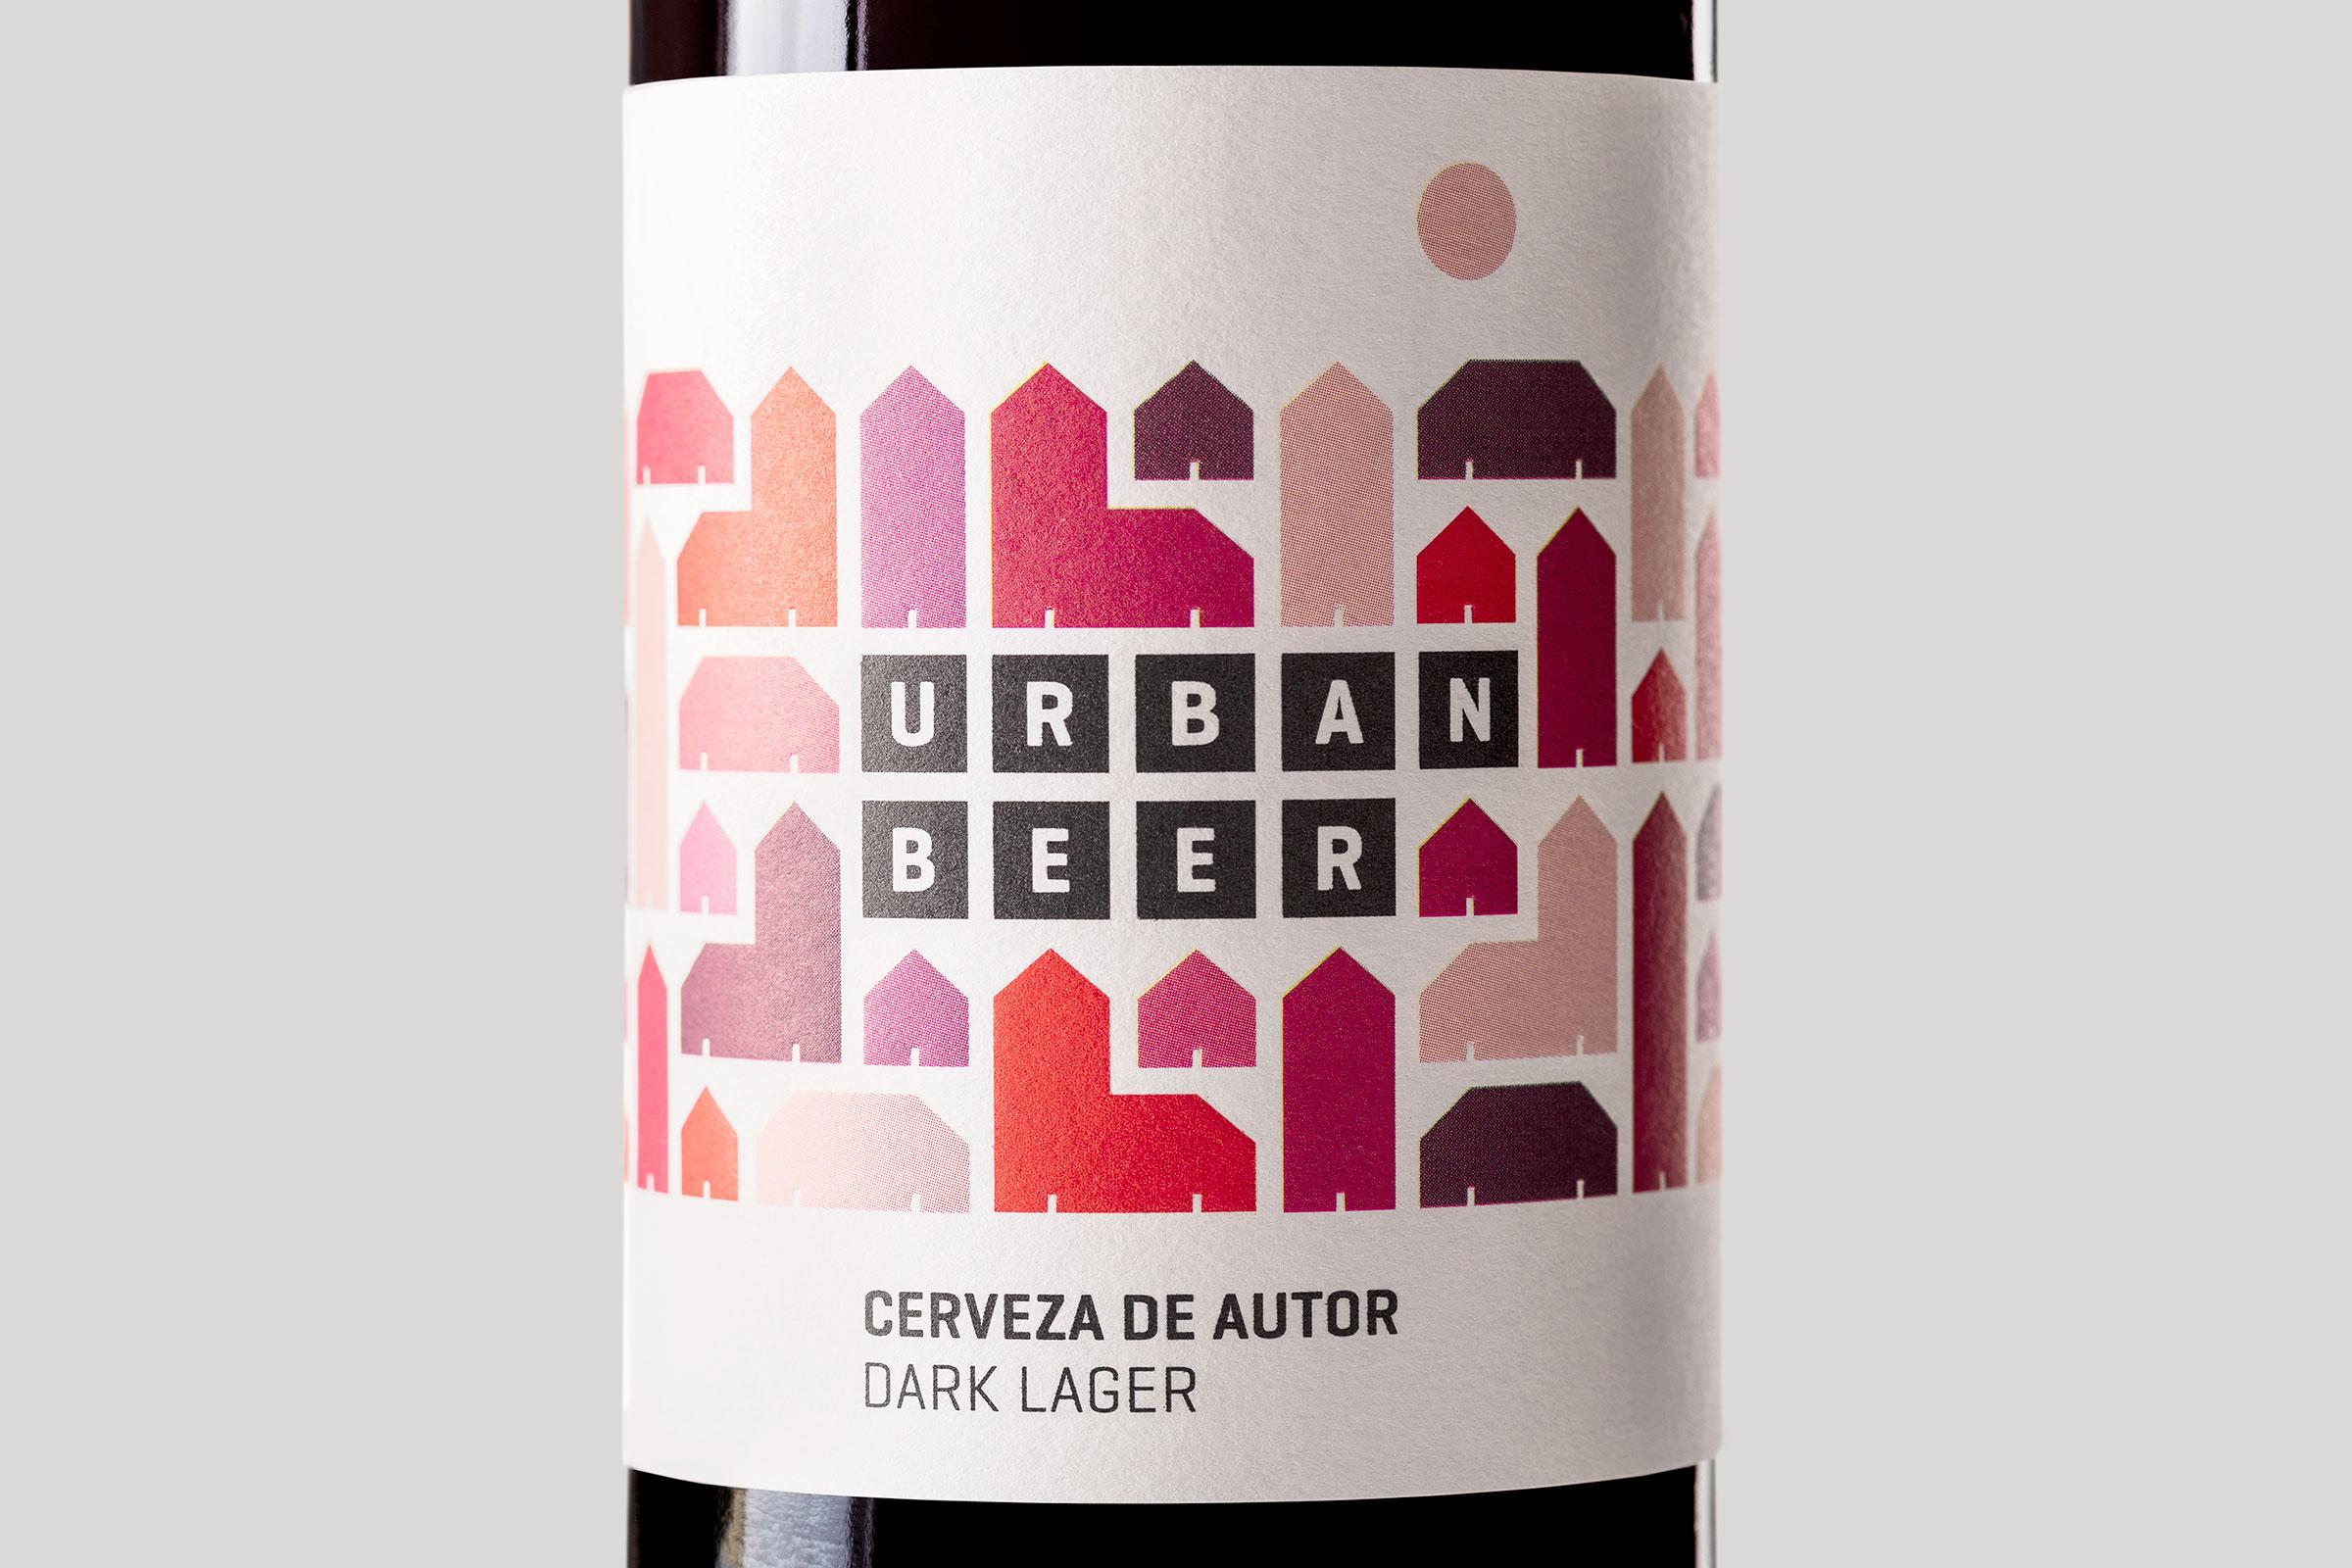 Vista frontal de detalle de la etiqueta roja de Urbanbeer